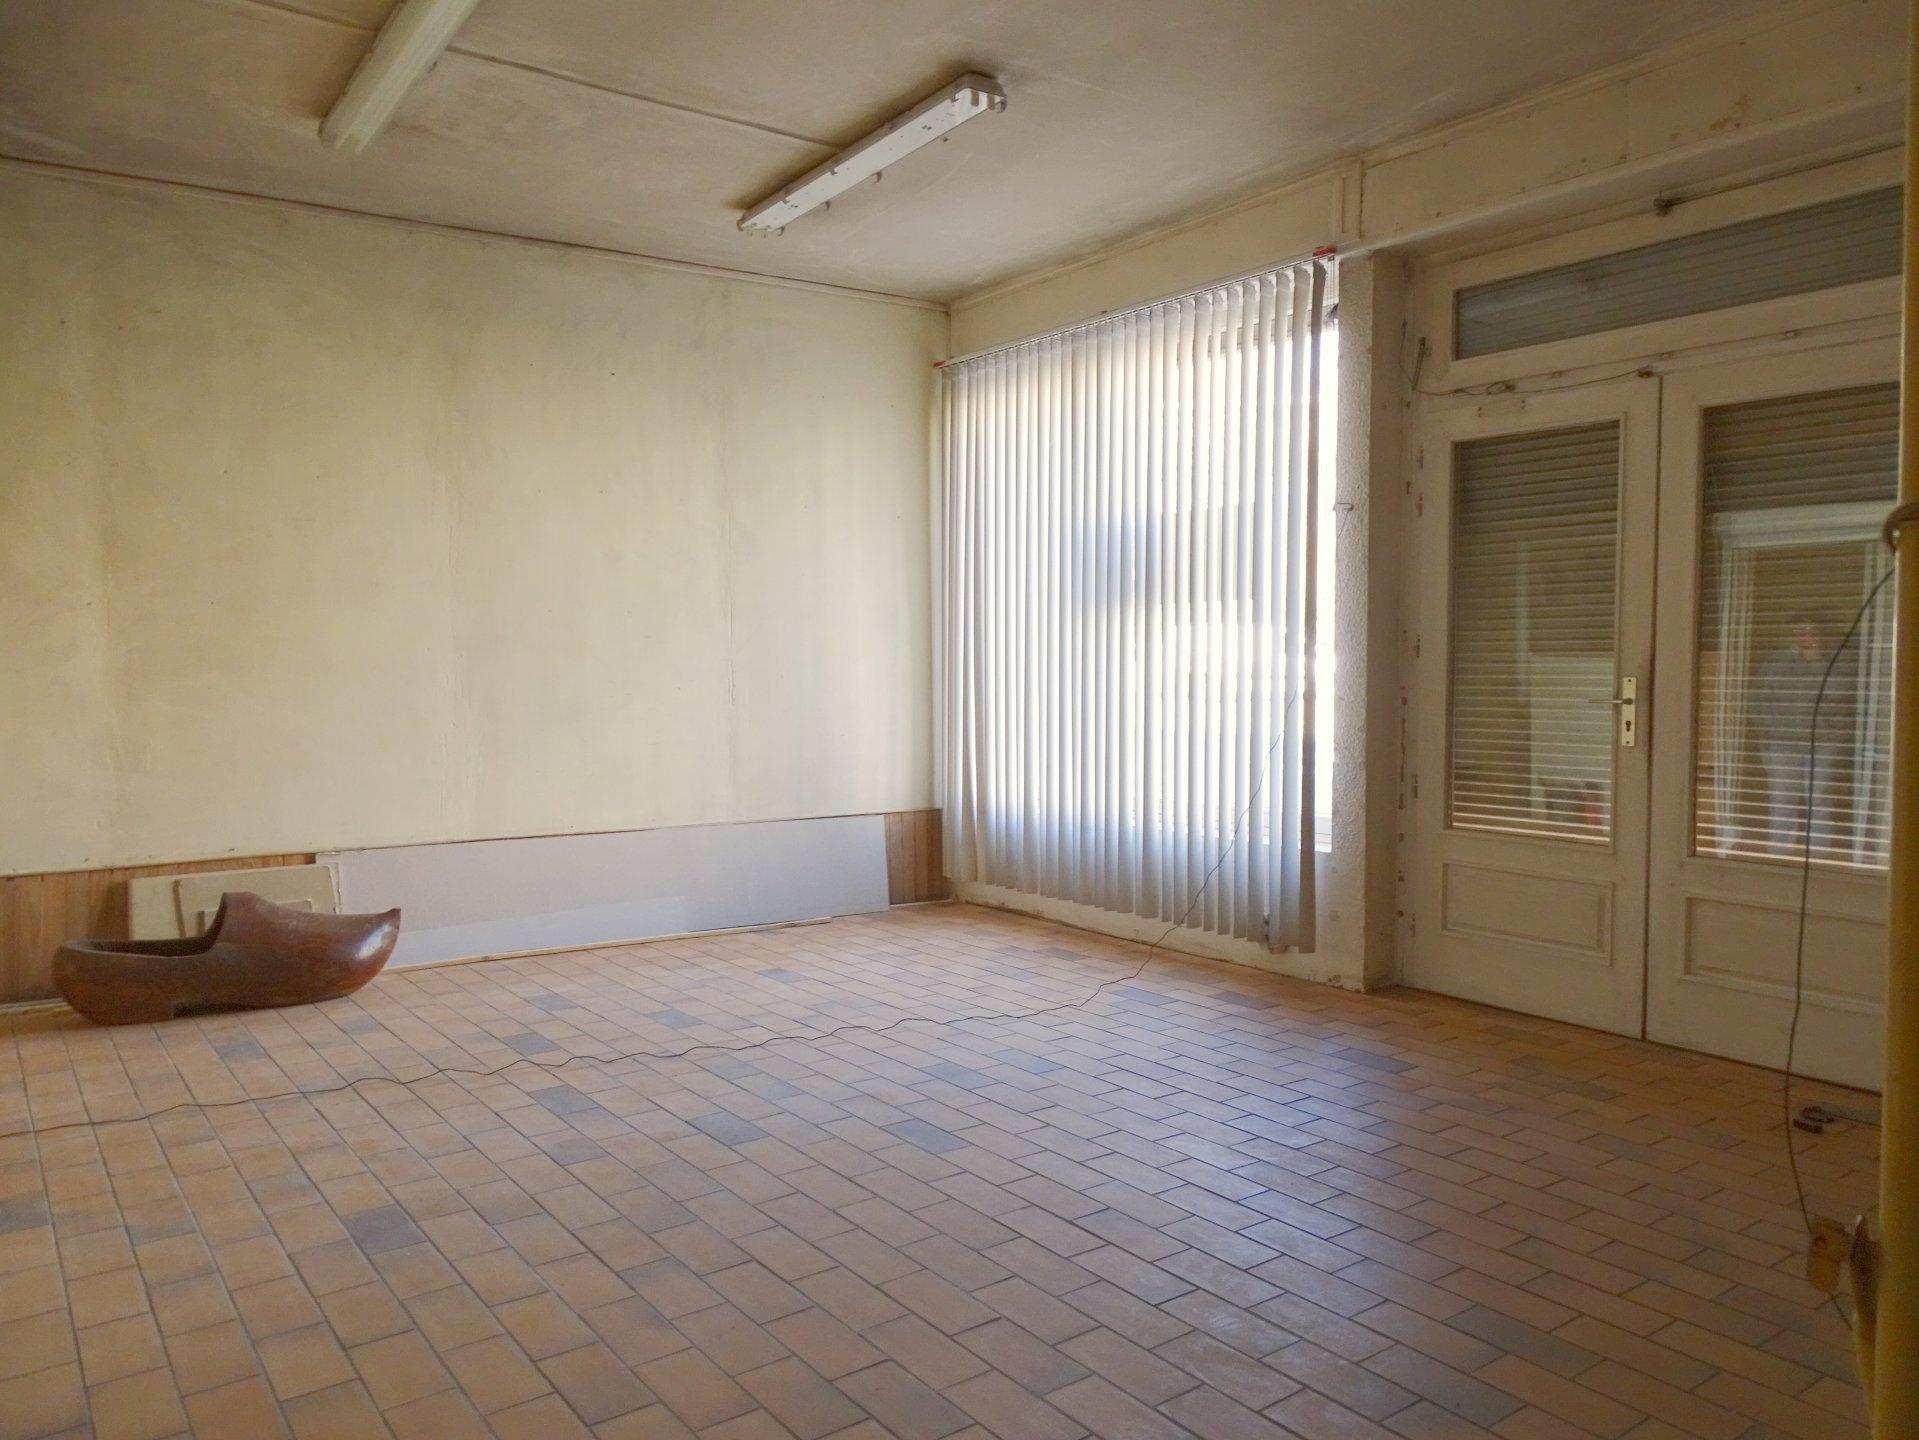 EXCLUSIVITE - Profitant d'un bon emplacement tout en étant proche des commodités et du centre ville de Mâcon, maison de ville à rénover avec local donnant sur la rue.  Elle dispose en rez de chaussée, d'un ancien magasin avec vitrine, d'une pièce de vie, d'une salle d'eau et d'une partie annexe à aménager donnant sur une cour intérieure d'environ 70 m² (possibilité de stationner ses véhicules). A l'étage, elle se compose de trois belles chambres, d'une salle de jeux mansardée et d'une salle de bain.  Travaux à prévoir afin de reconfigurer ce bien et le mettre en valeur mais très beau potentiel avec plusieurs projets possibles.